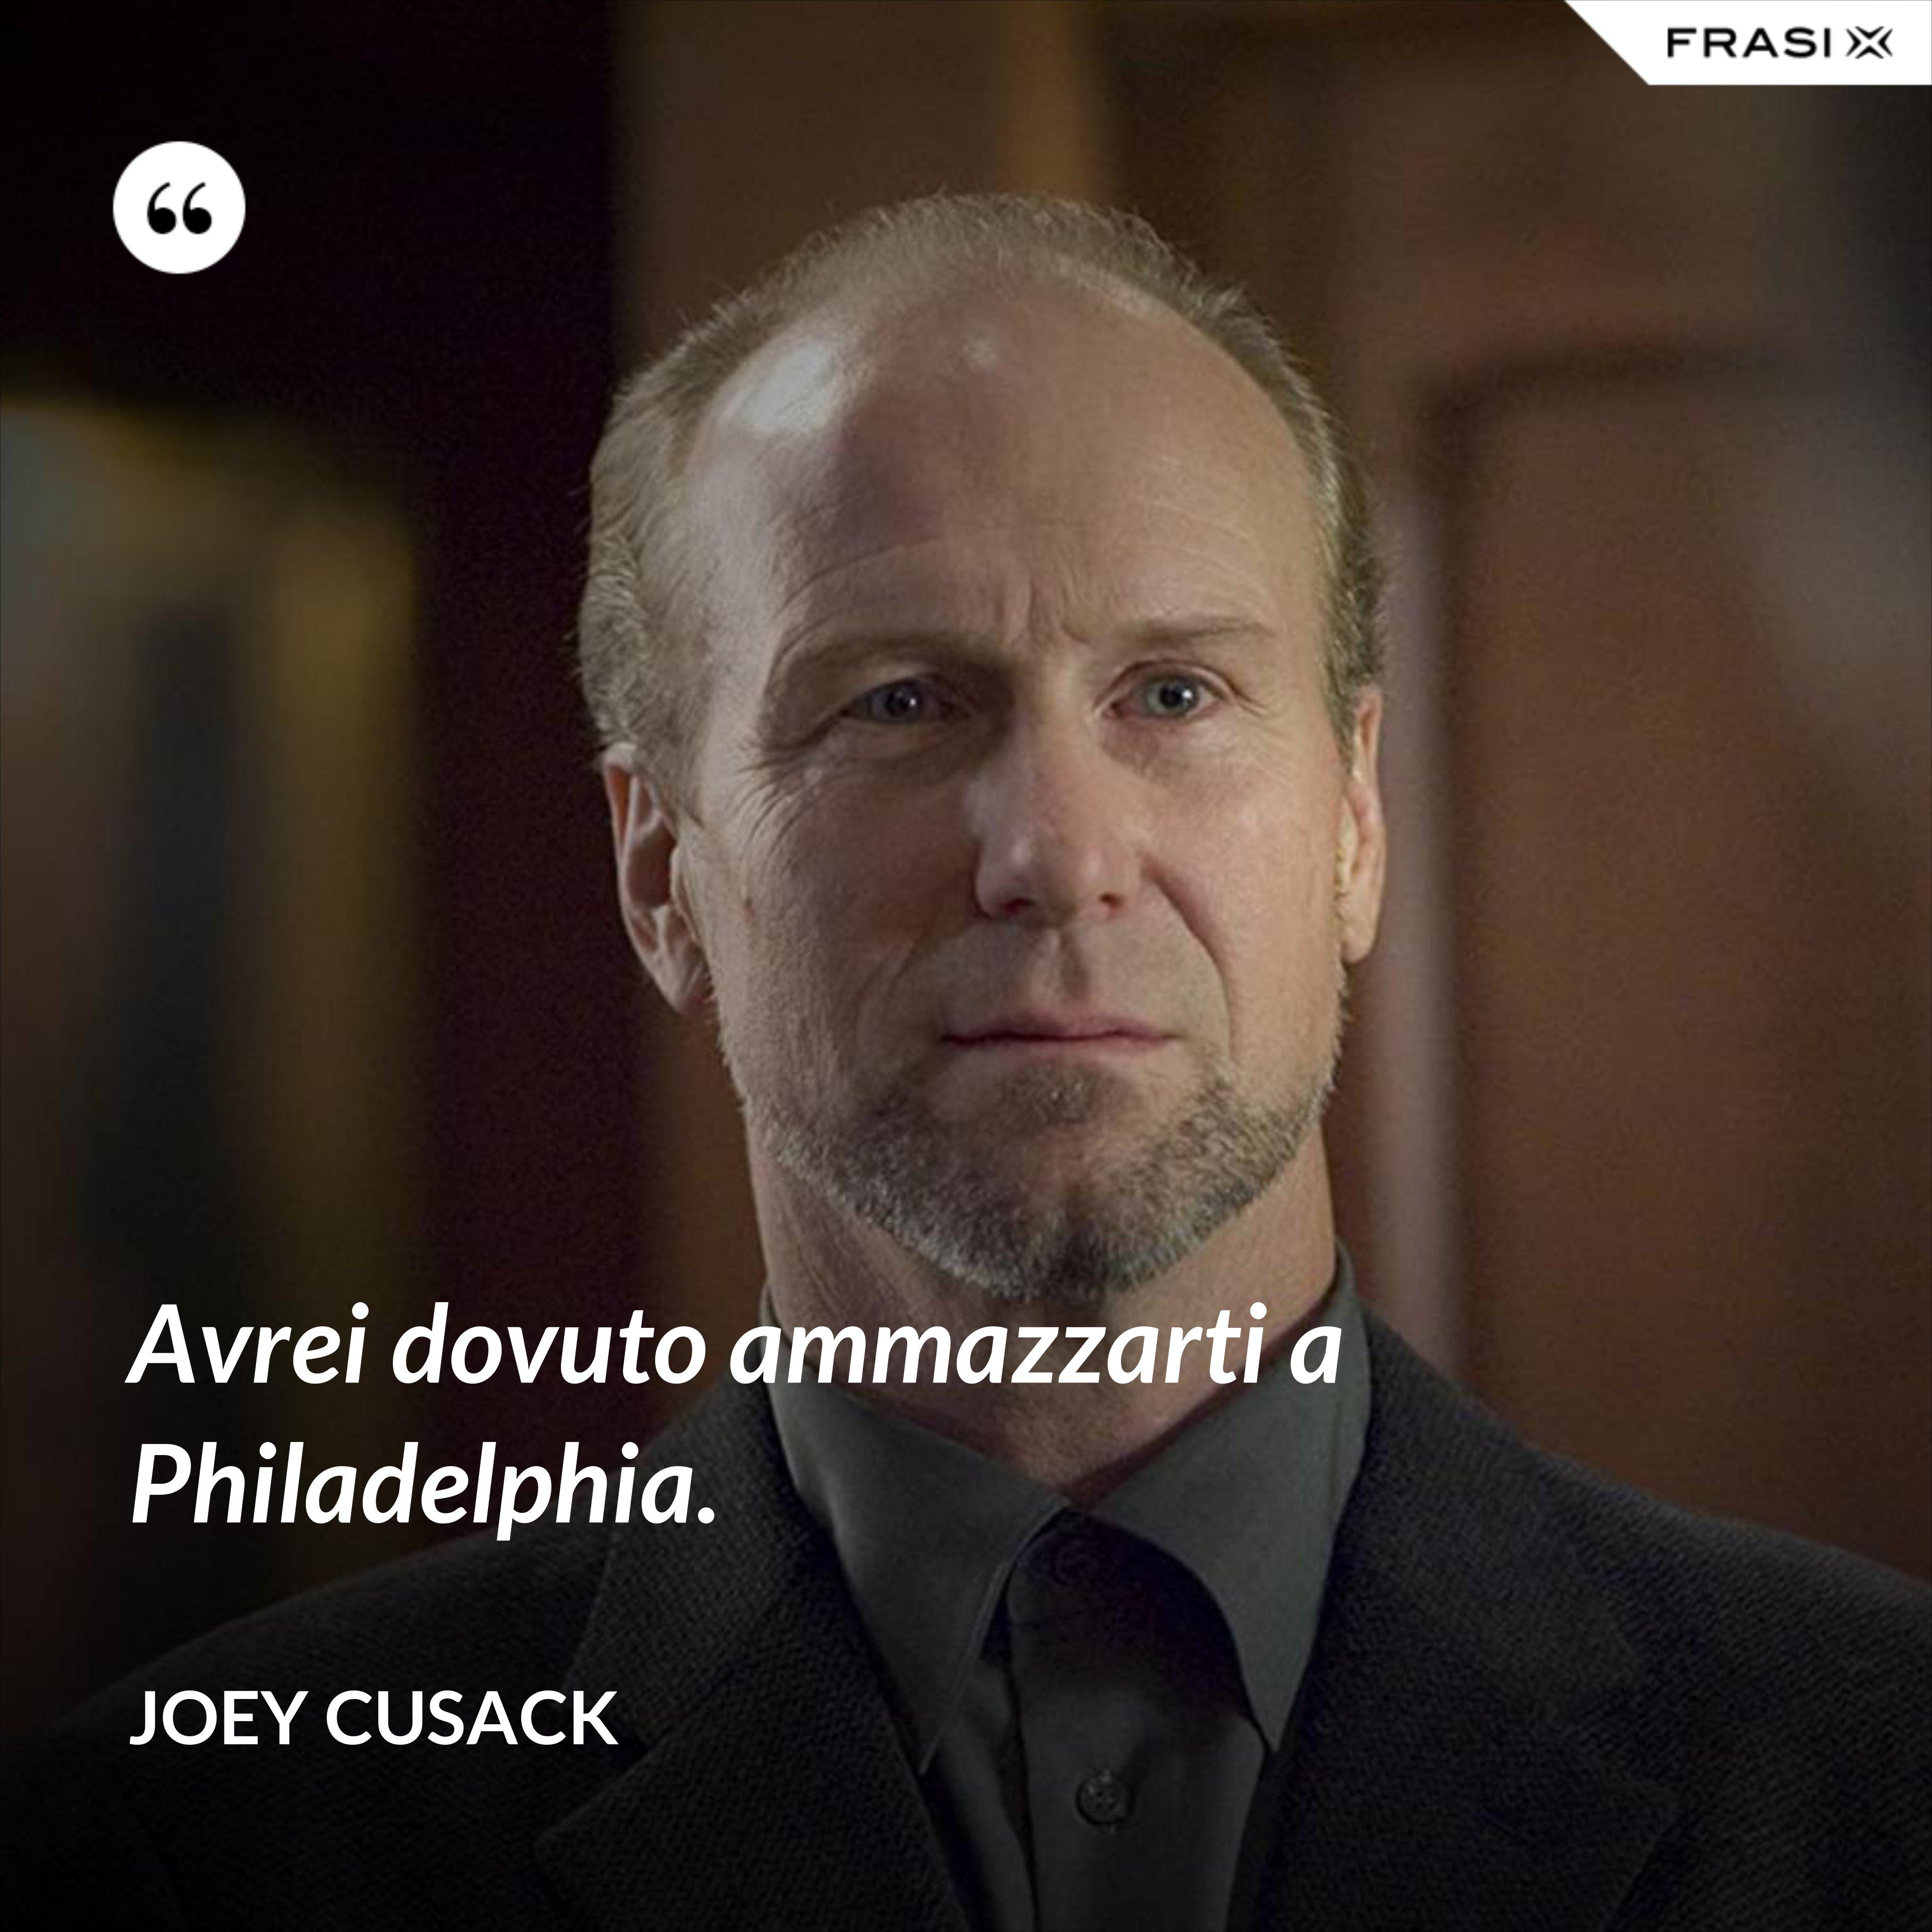 Avrei dovuto ammazzarti a Philadelphia. - Joey Cusack